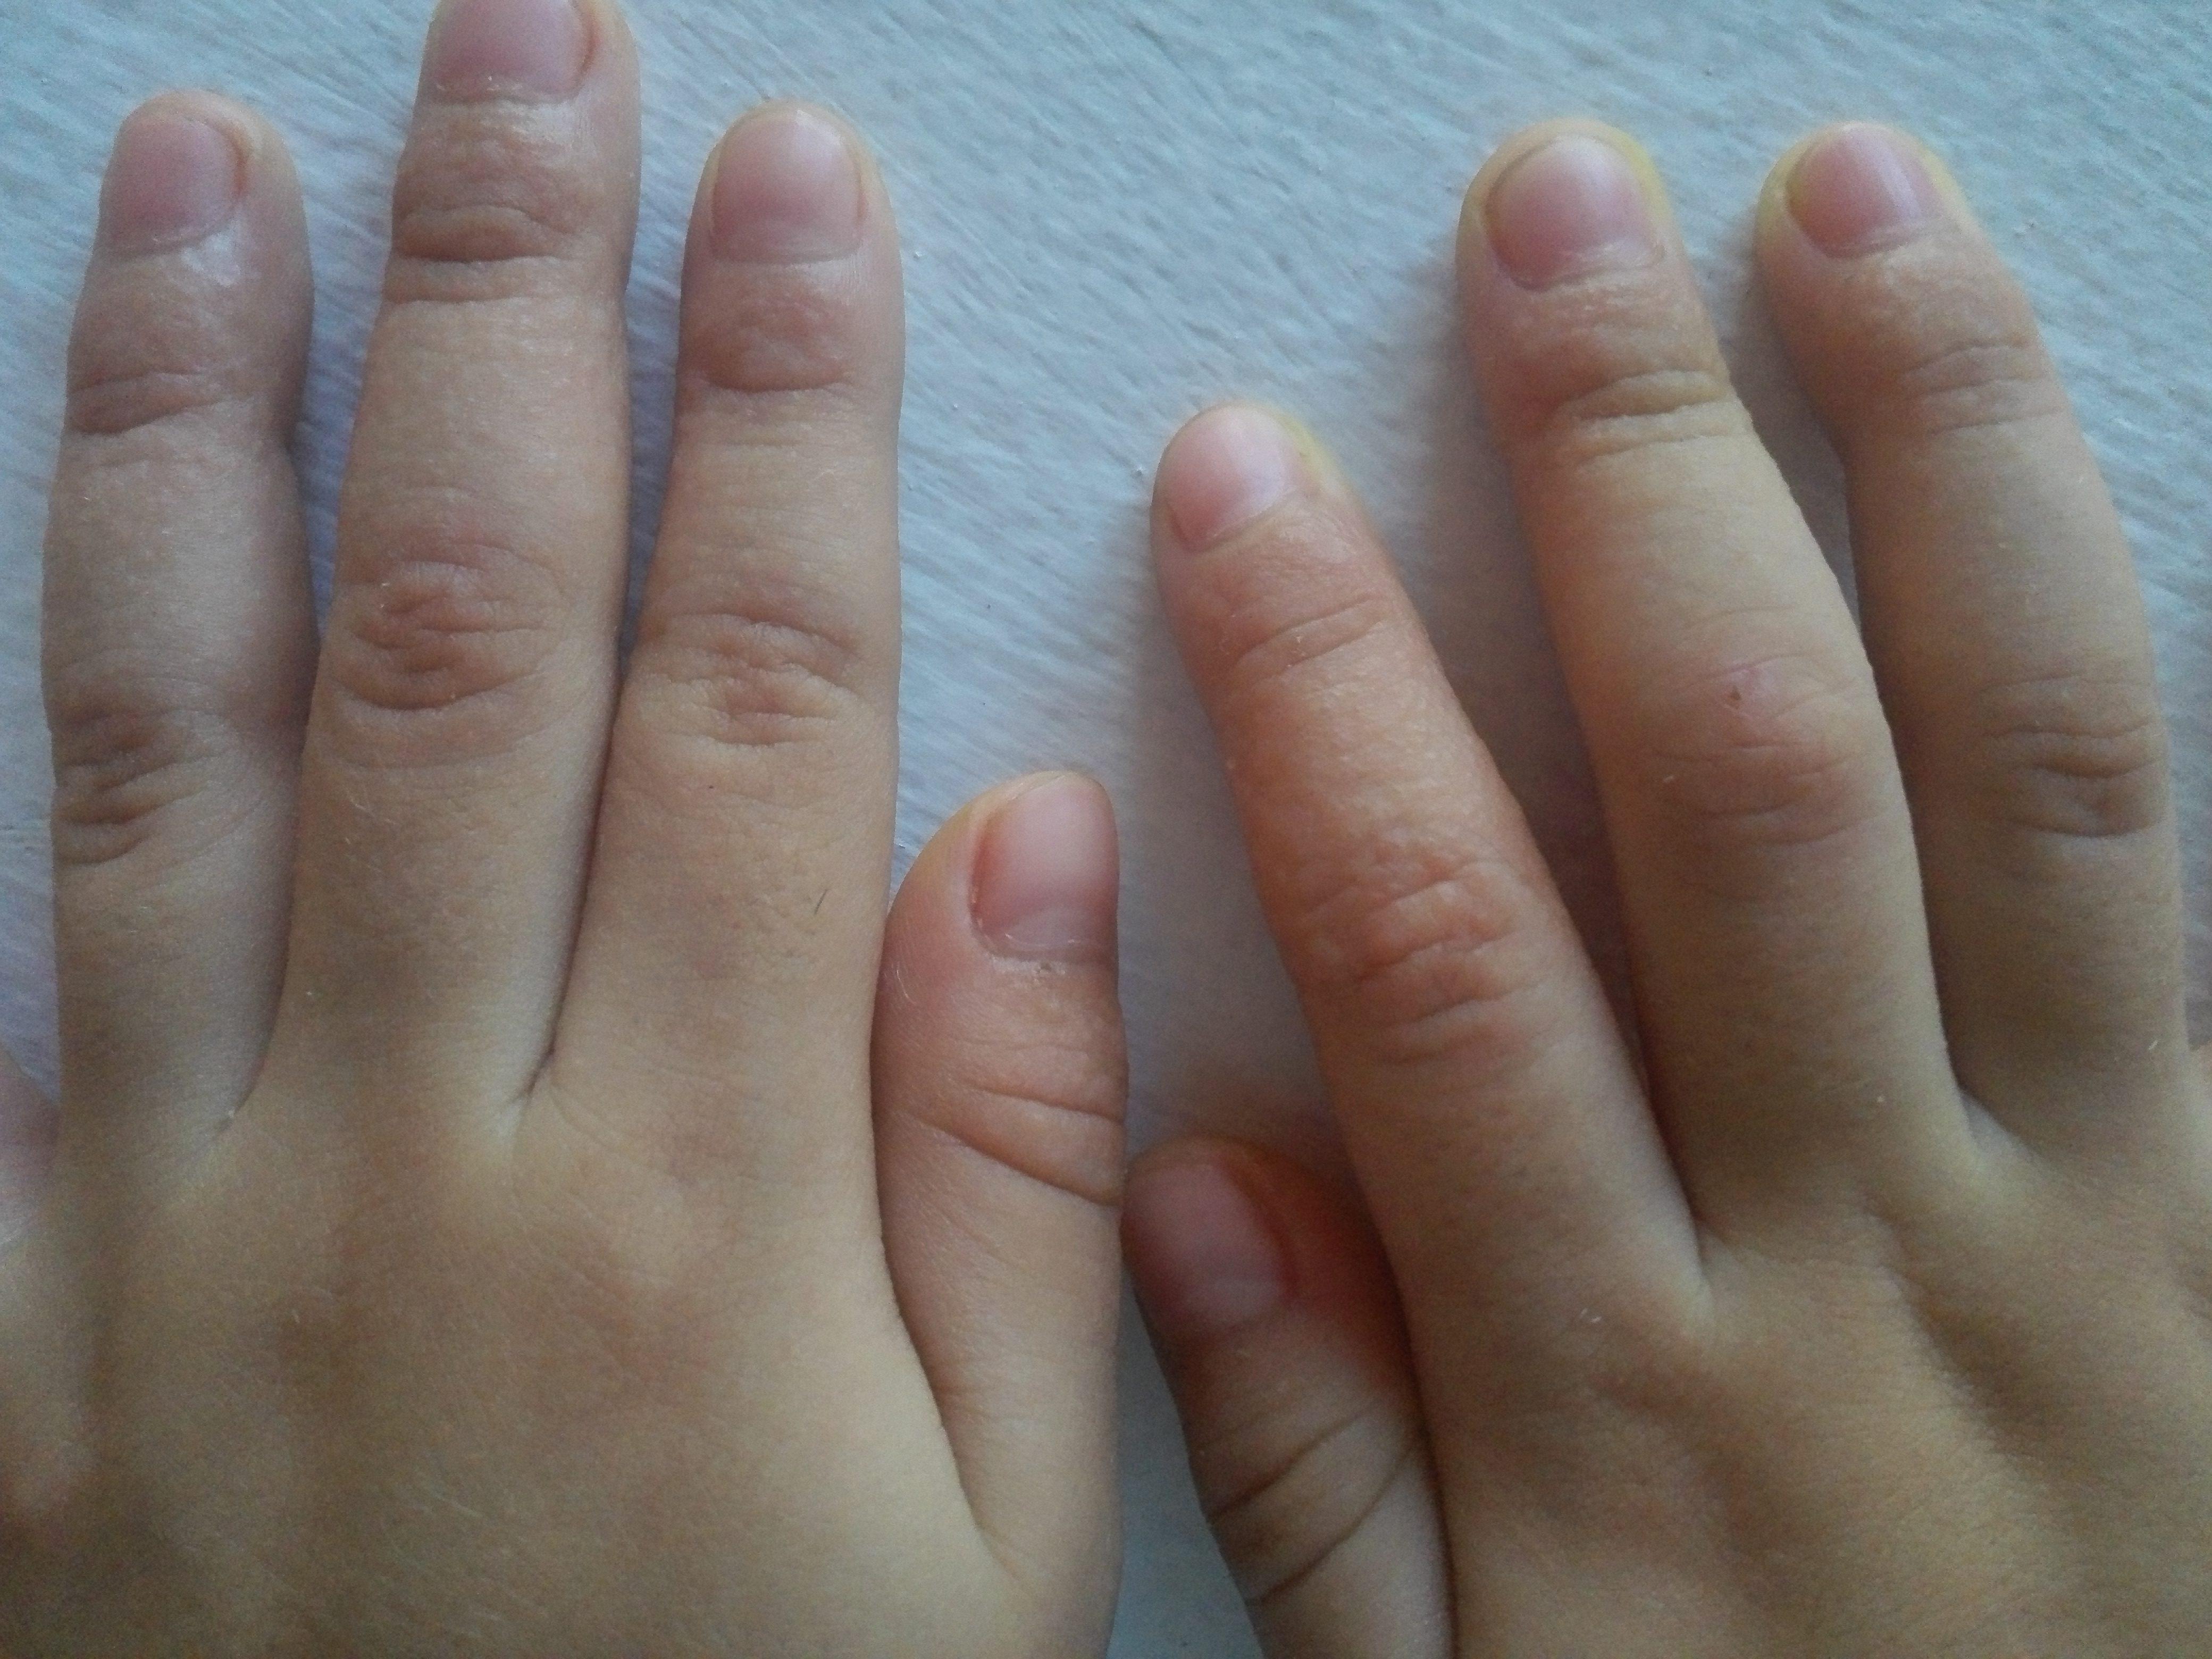 Dela granos pican los mano que dedos en